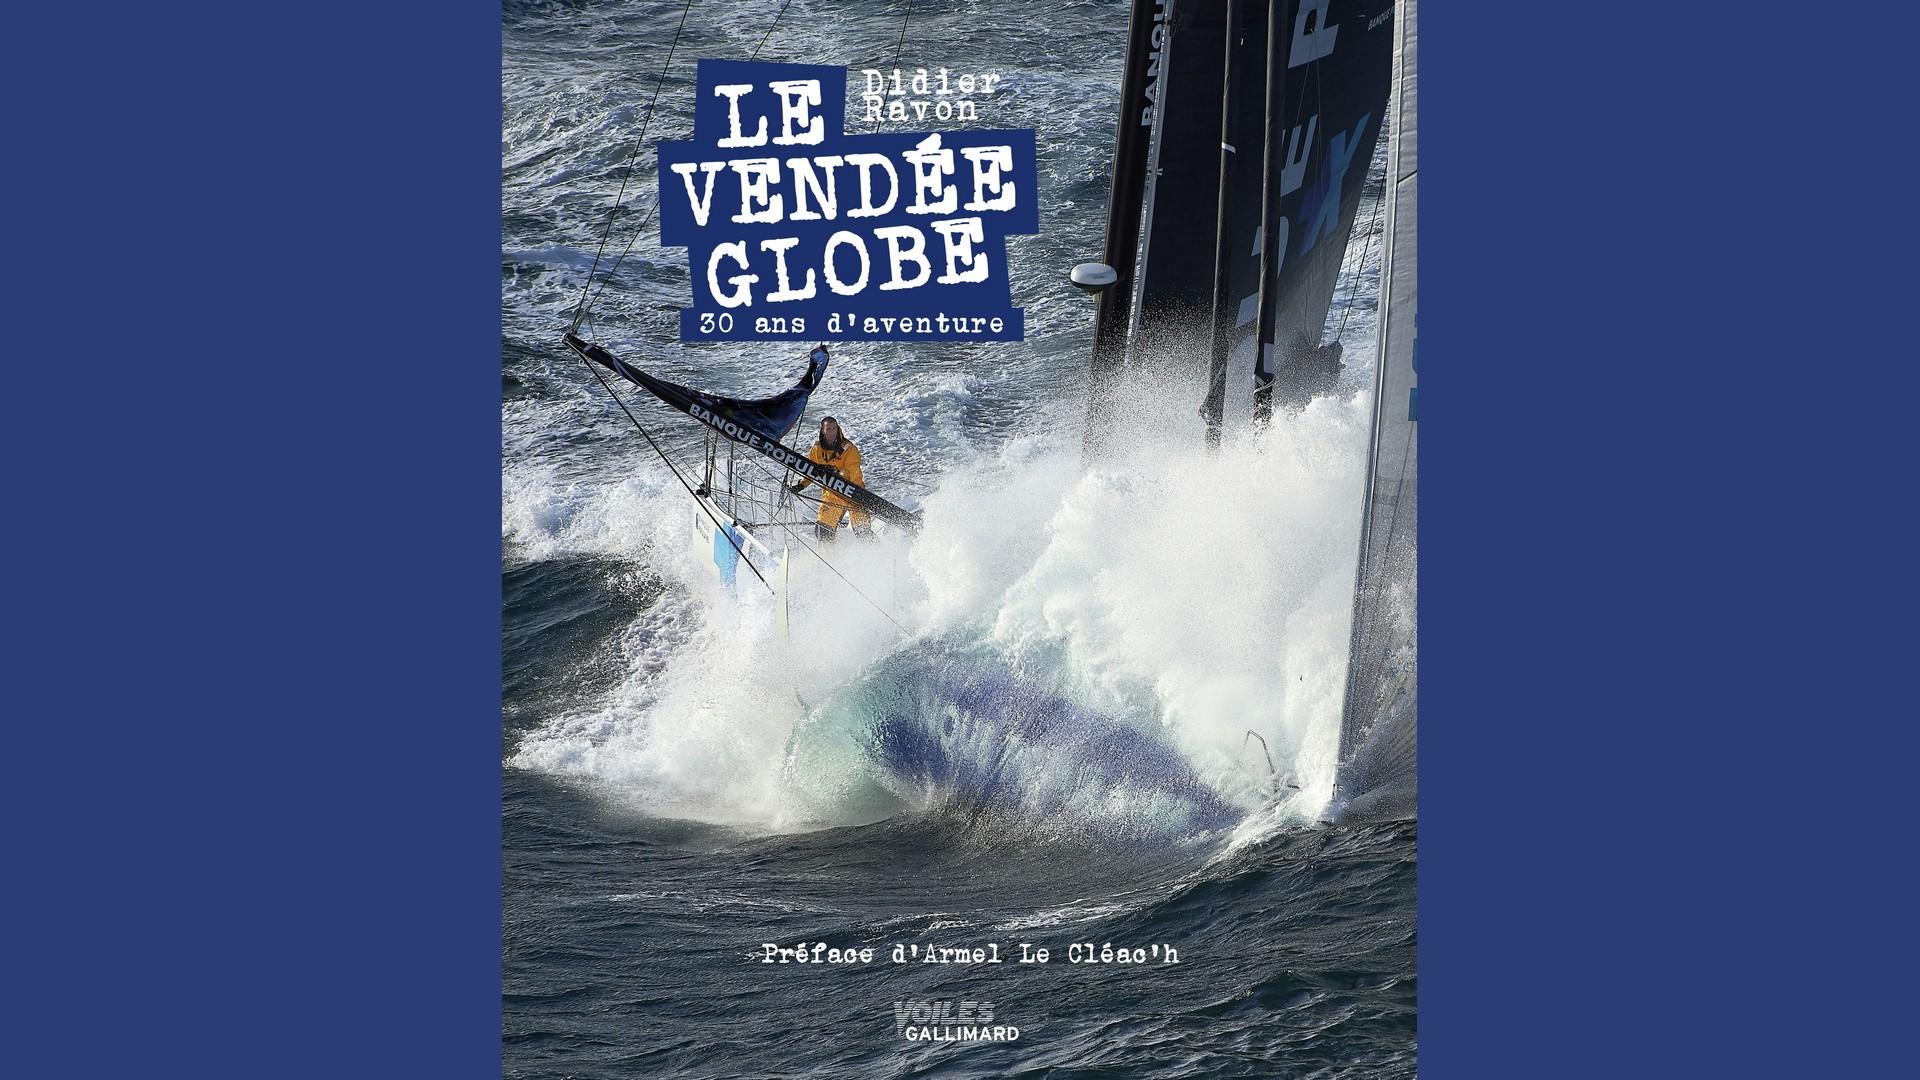 Livres – Le Vendée Globe 30 ans d'avenrure – Didier Ravon (2020)